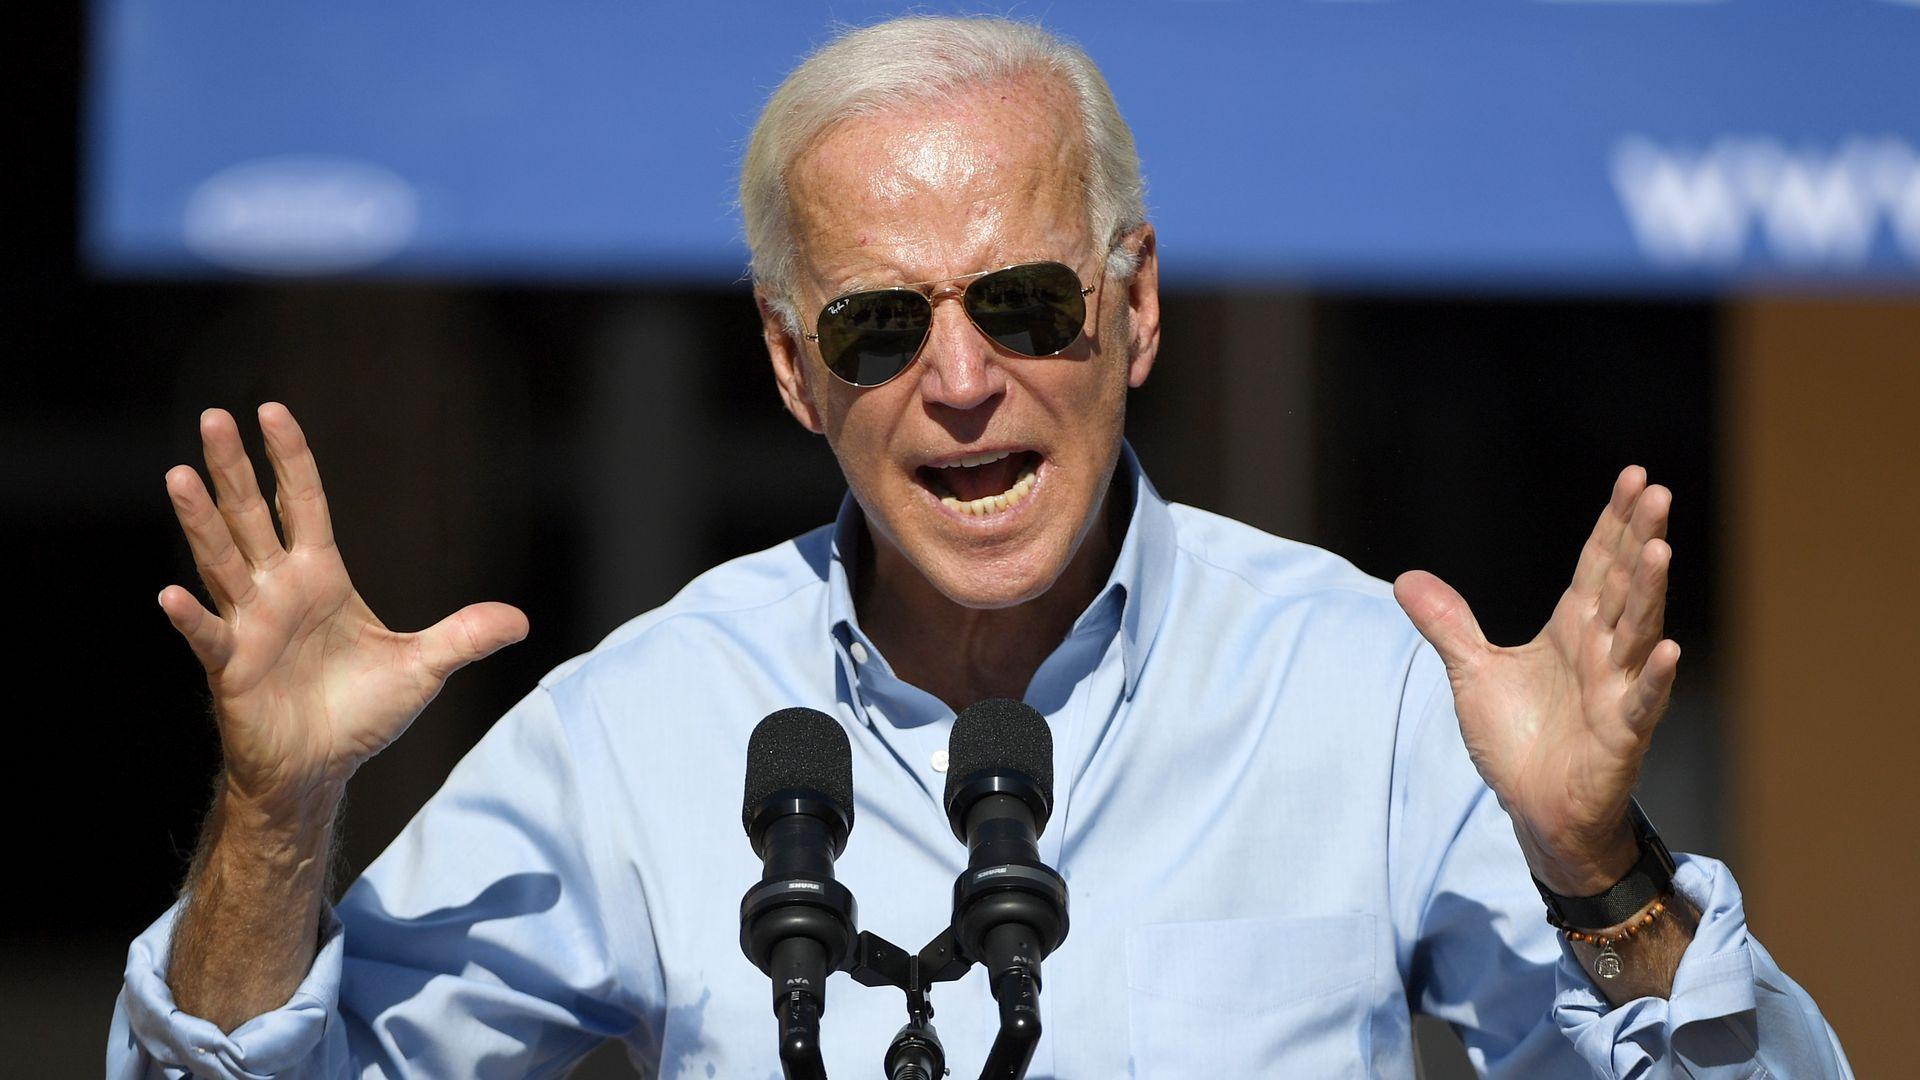 Biden with his hands up.